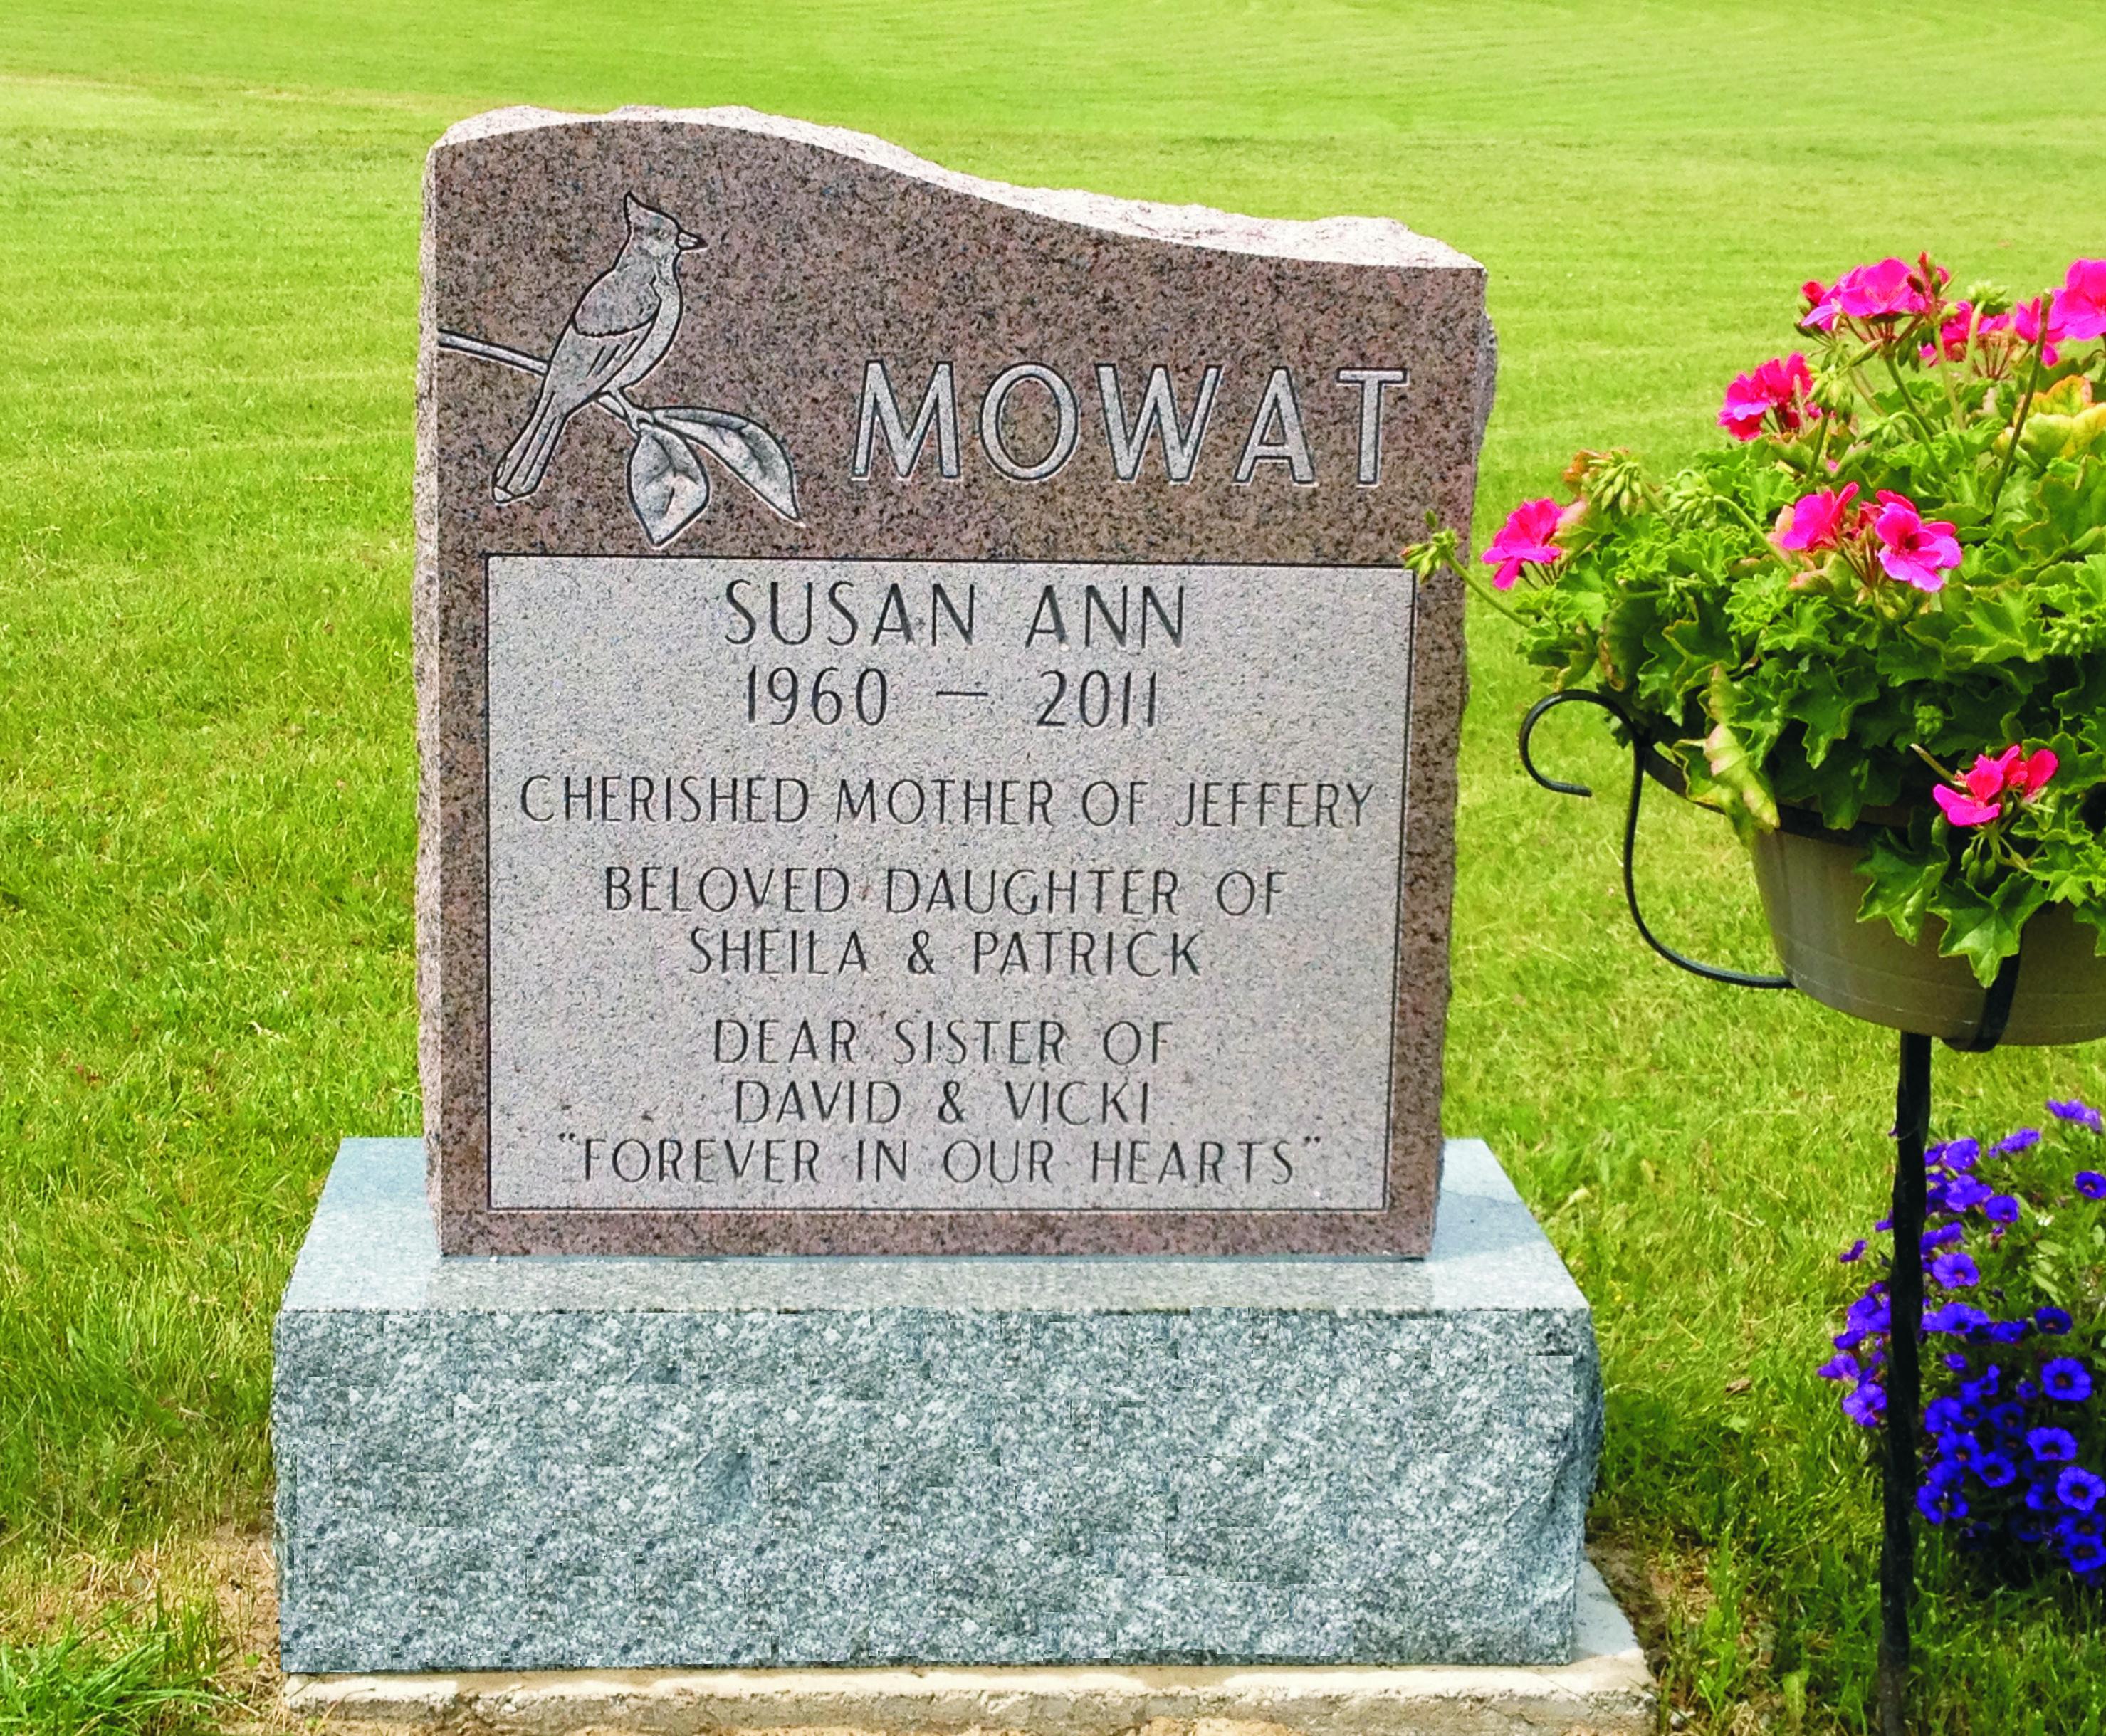 Mowat